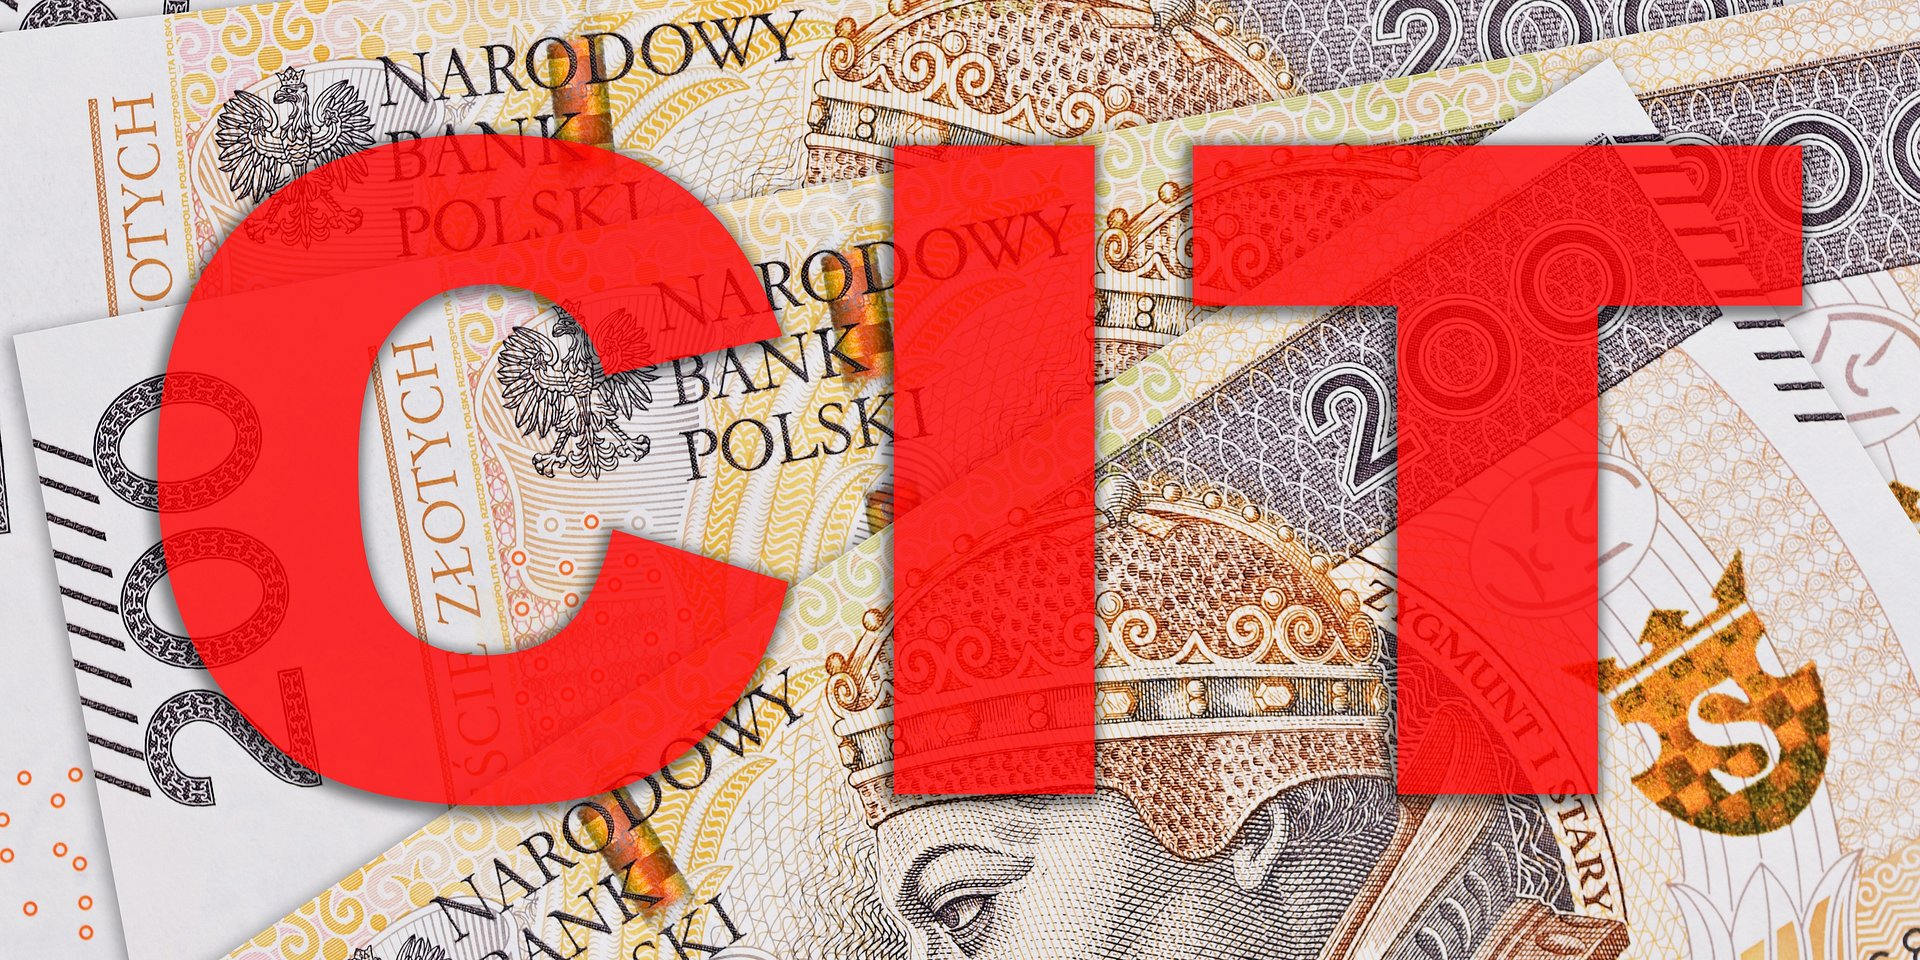 Przesunięty termin złożenia deklaracji CIT-8 i zapłaty podatku